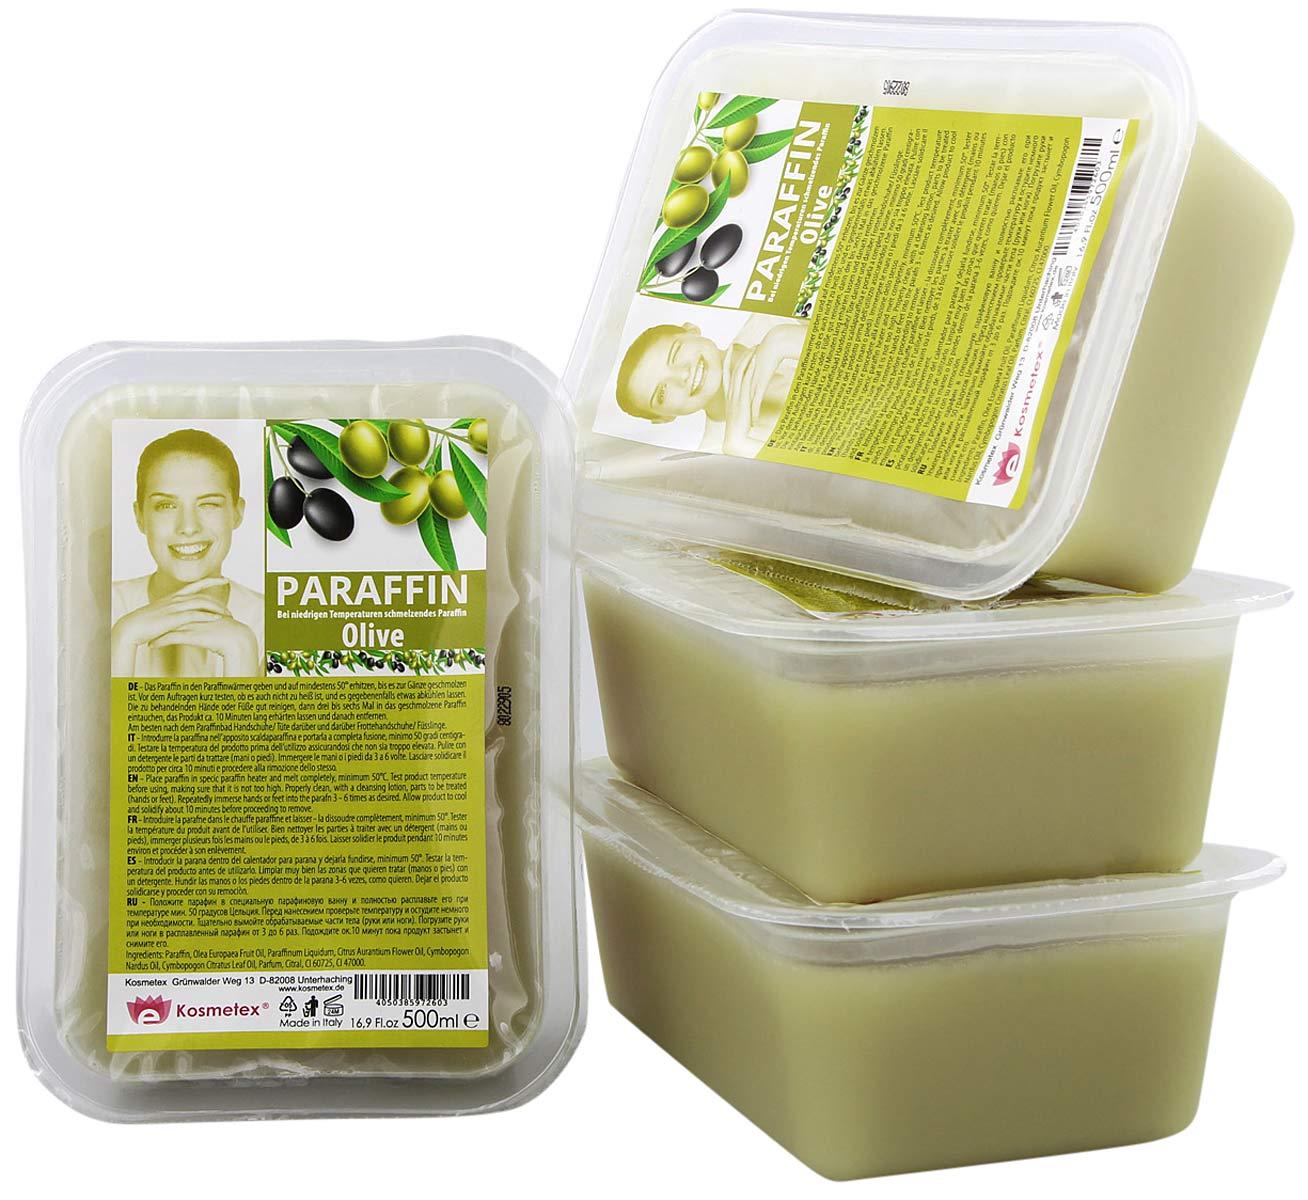 Kosmetex Paraffin-wachs Olive, Paraffinbad Wachs mit niedrigeren Schmelzpunkt